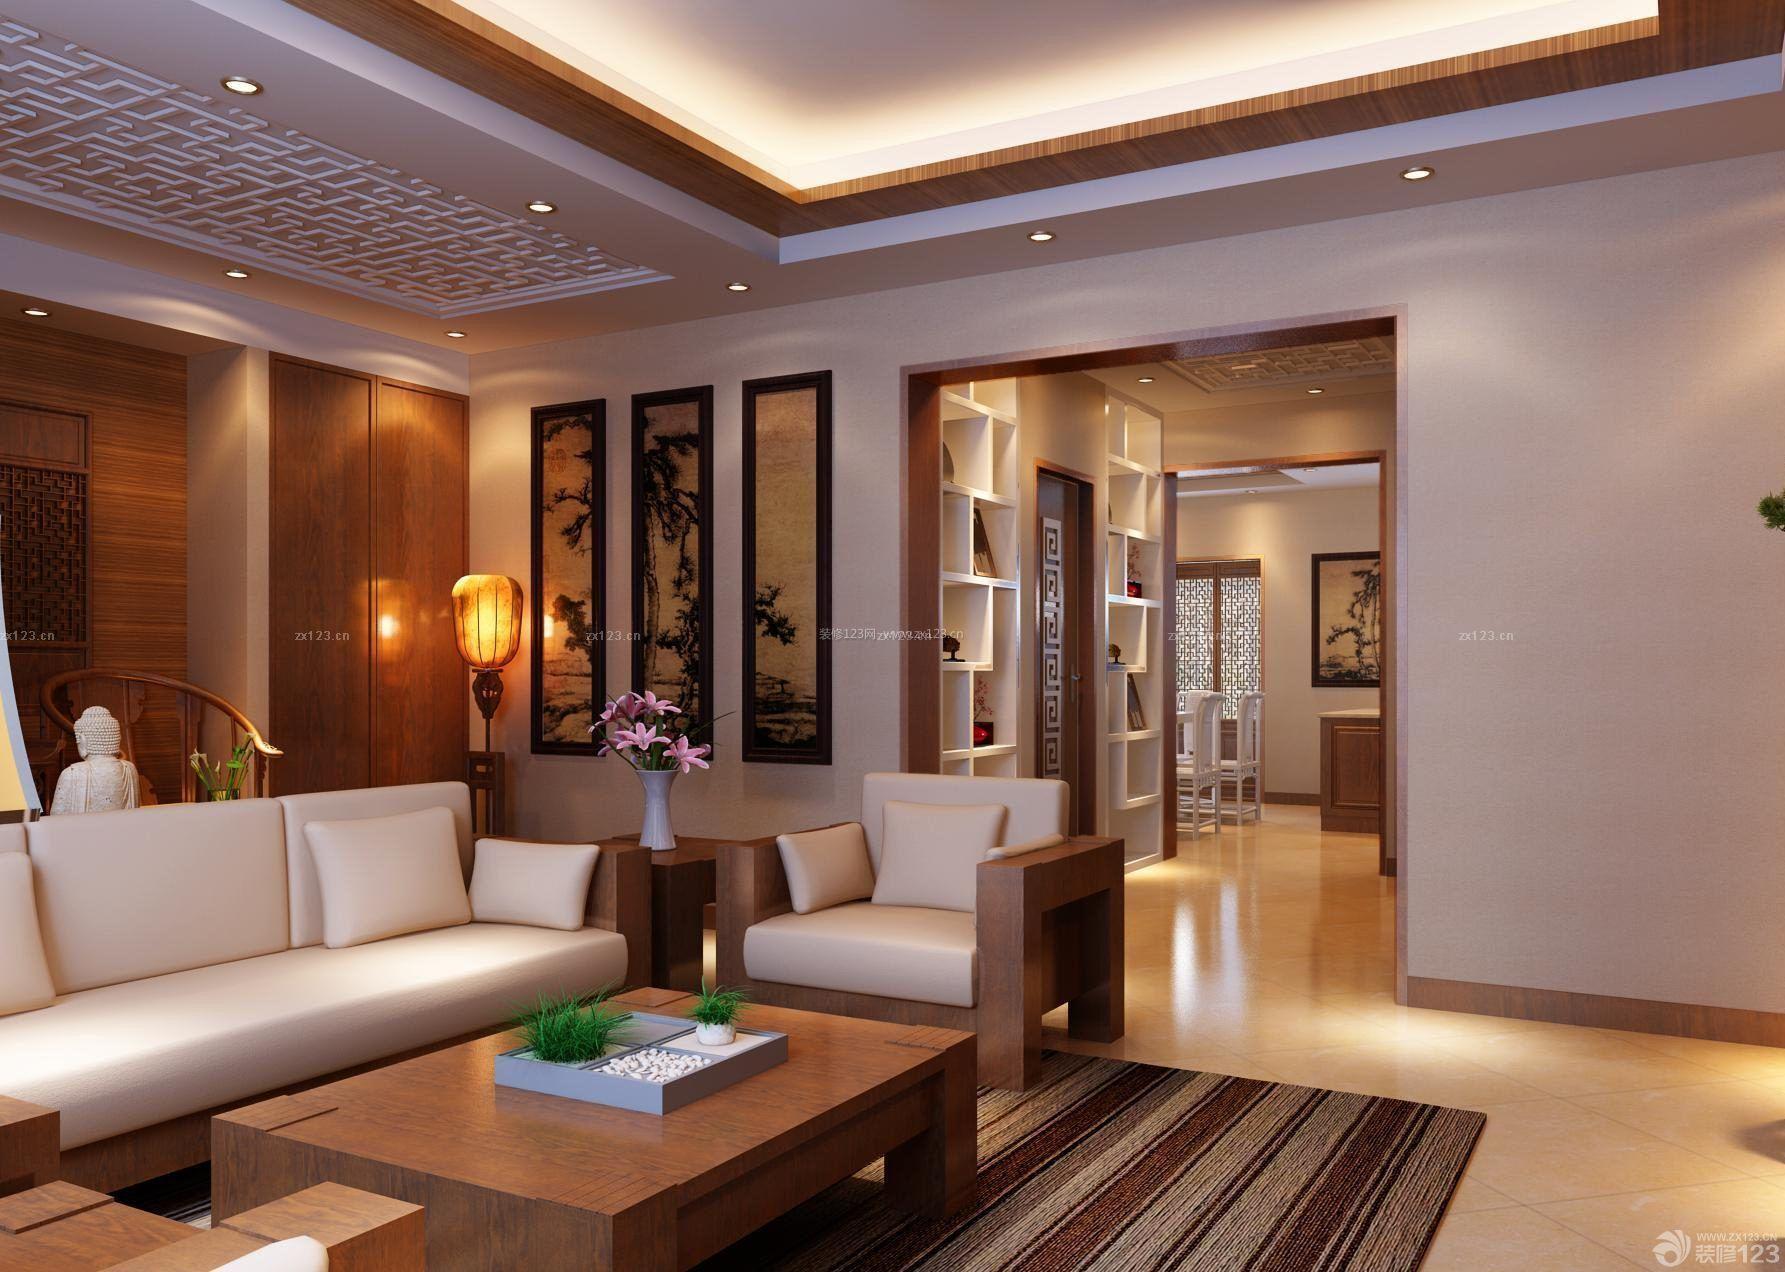 跃层房子新中式风格家居客厅装修效果图